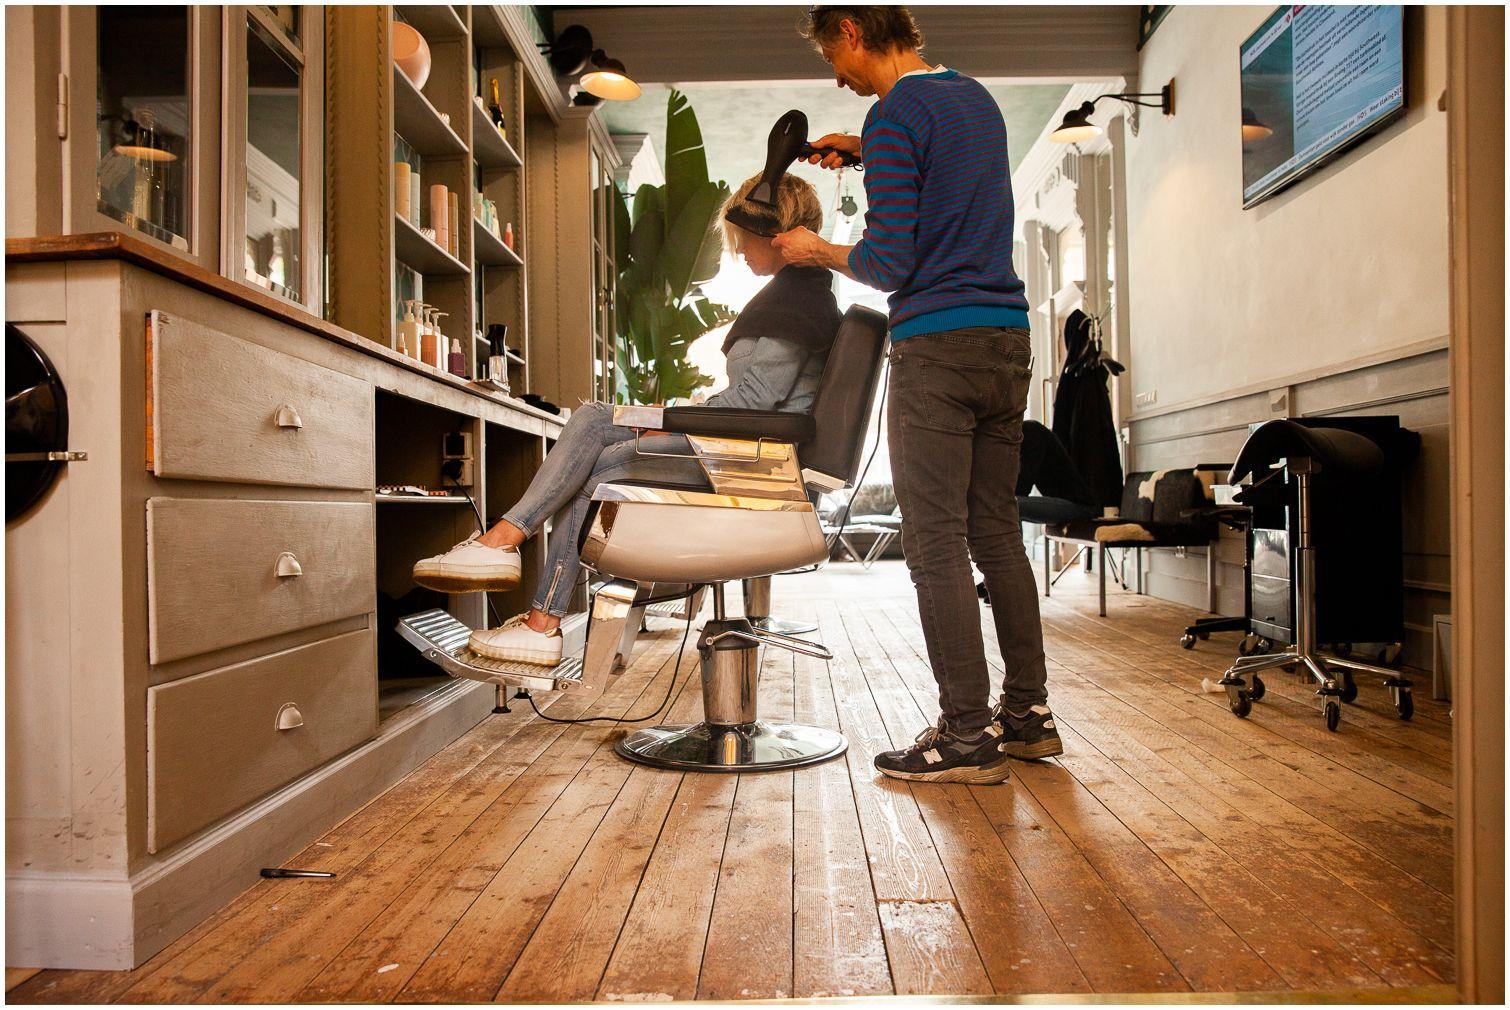 Bedrijfsfotografie Productfotograaf Productfotografie voor Eindhoven en omgeving Colorstudio61 Fotograaf, Eindhoven, 040,